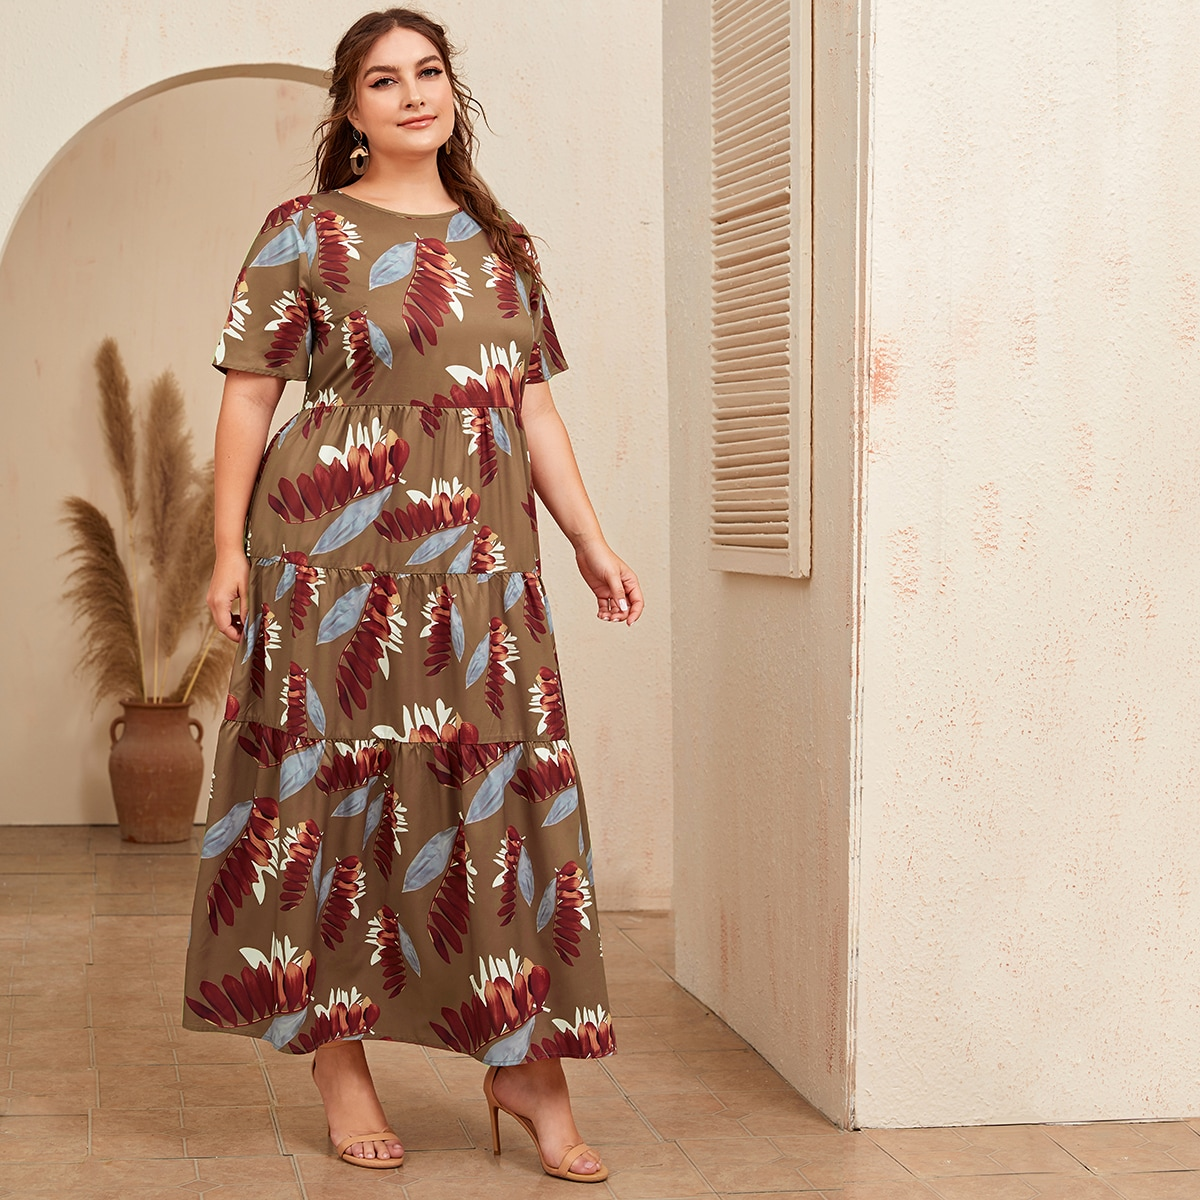 SHEIN / Große Größen - Kleid mit Pflanzen Muster